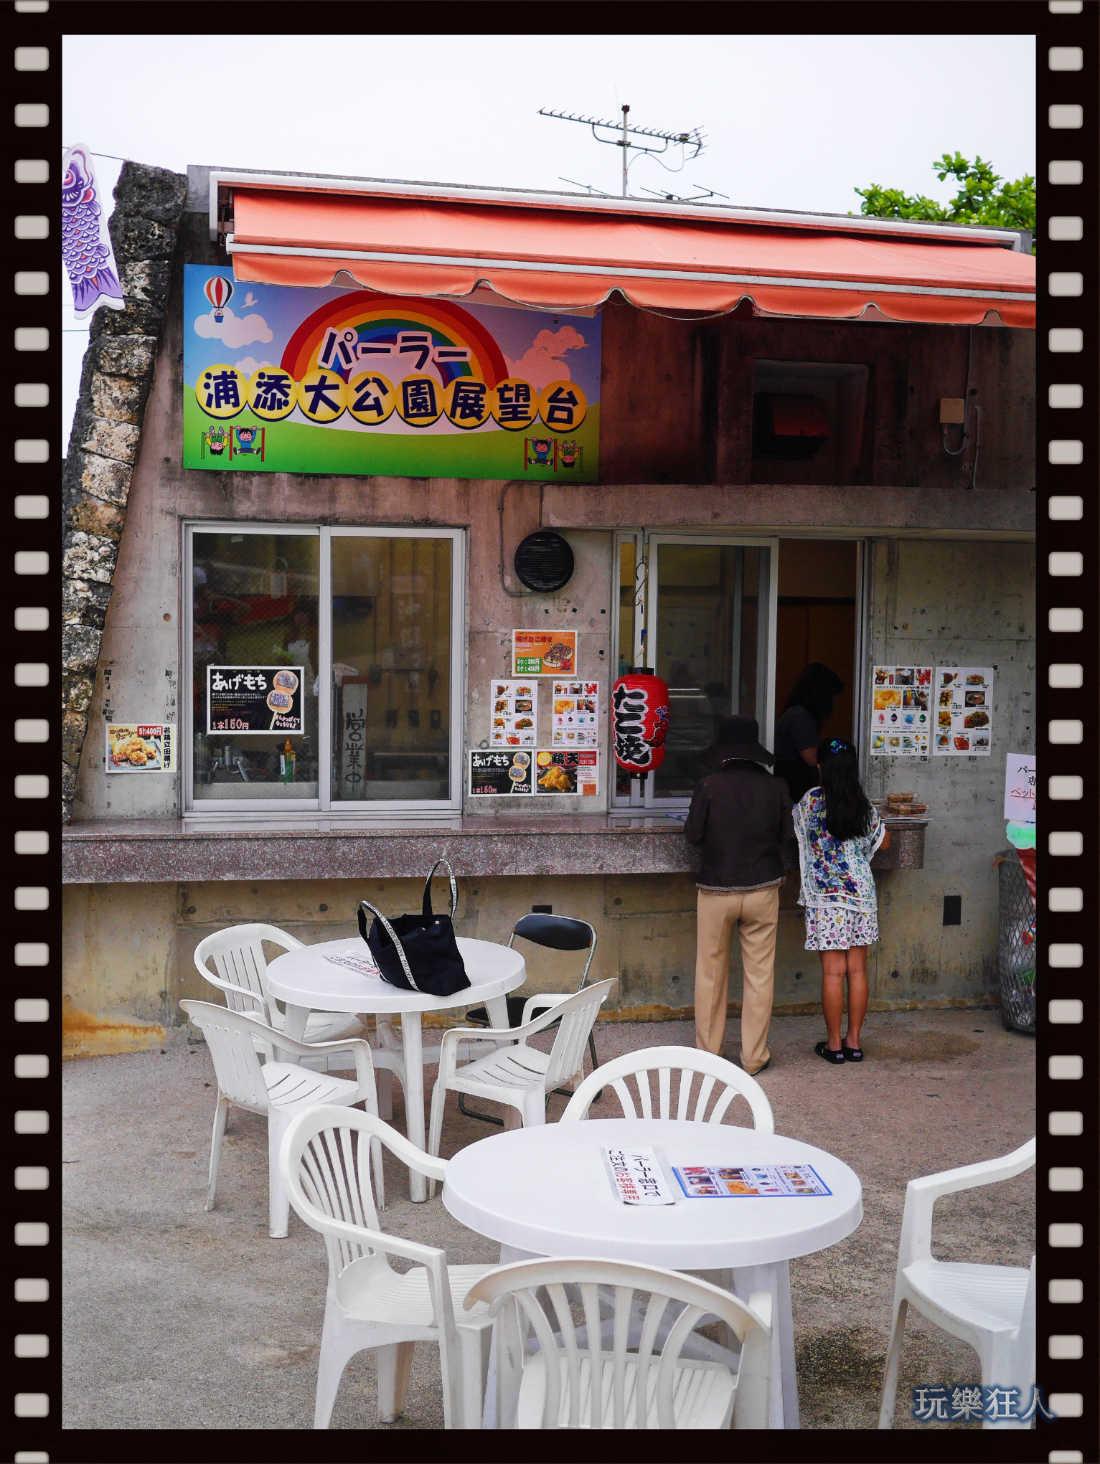 『浦添大公園』販賣區